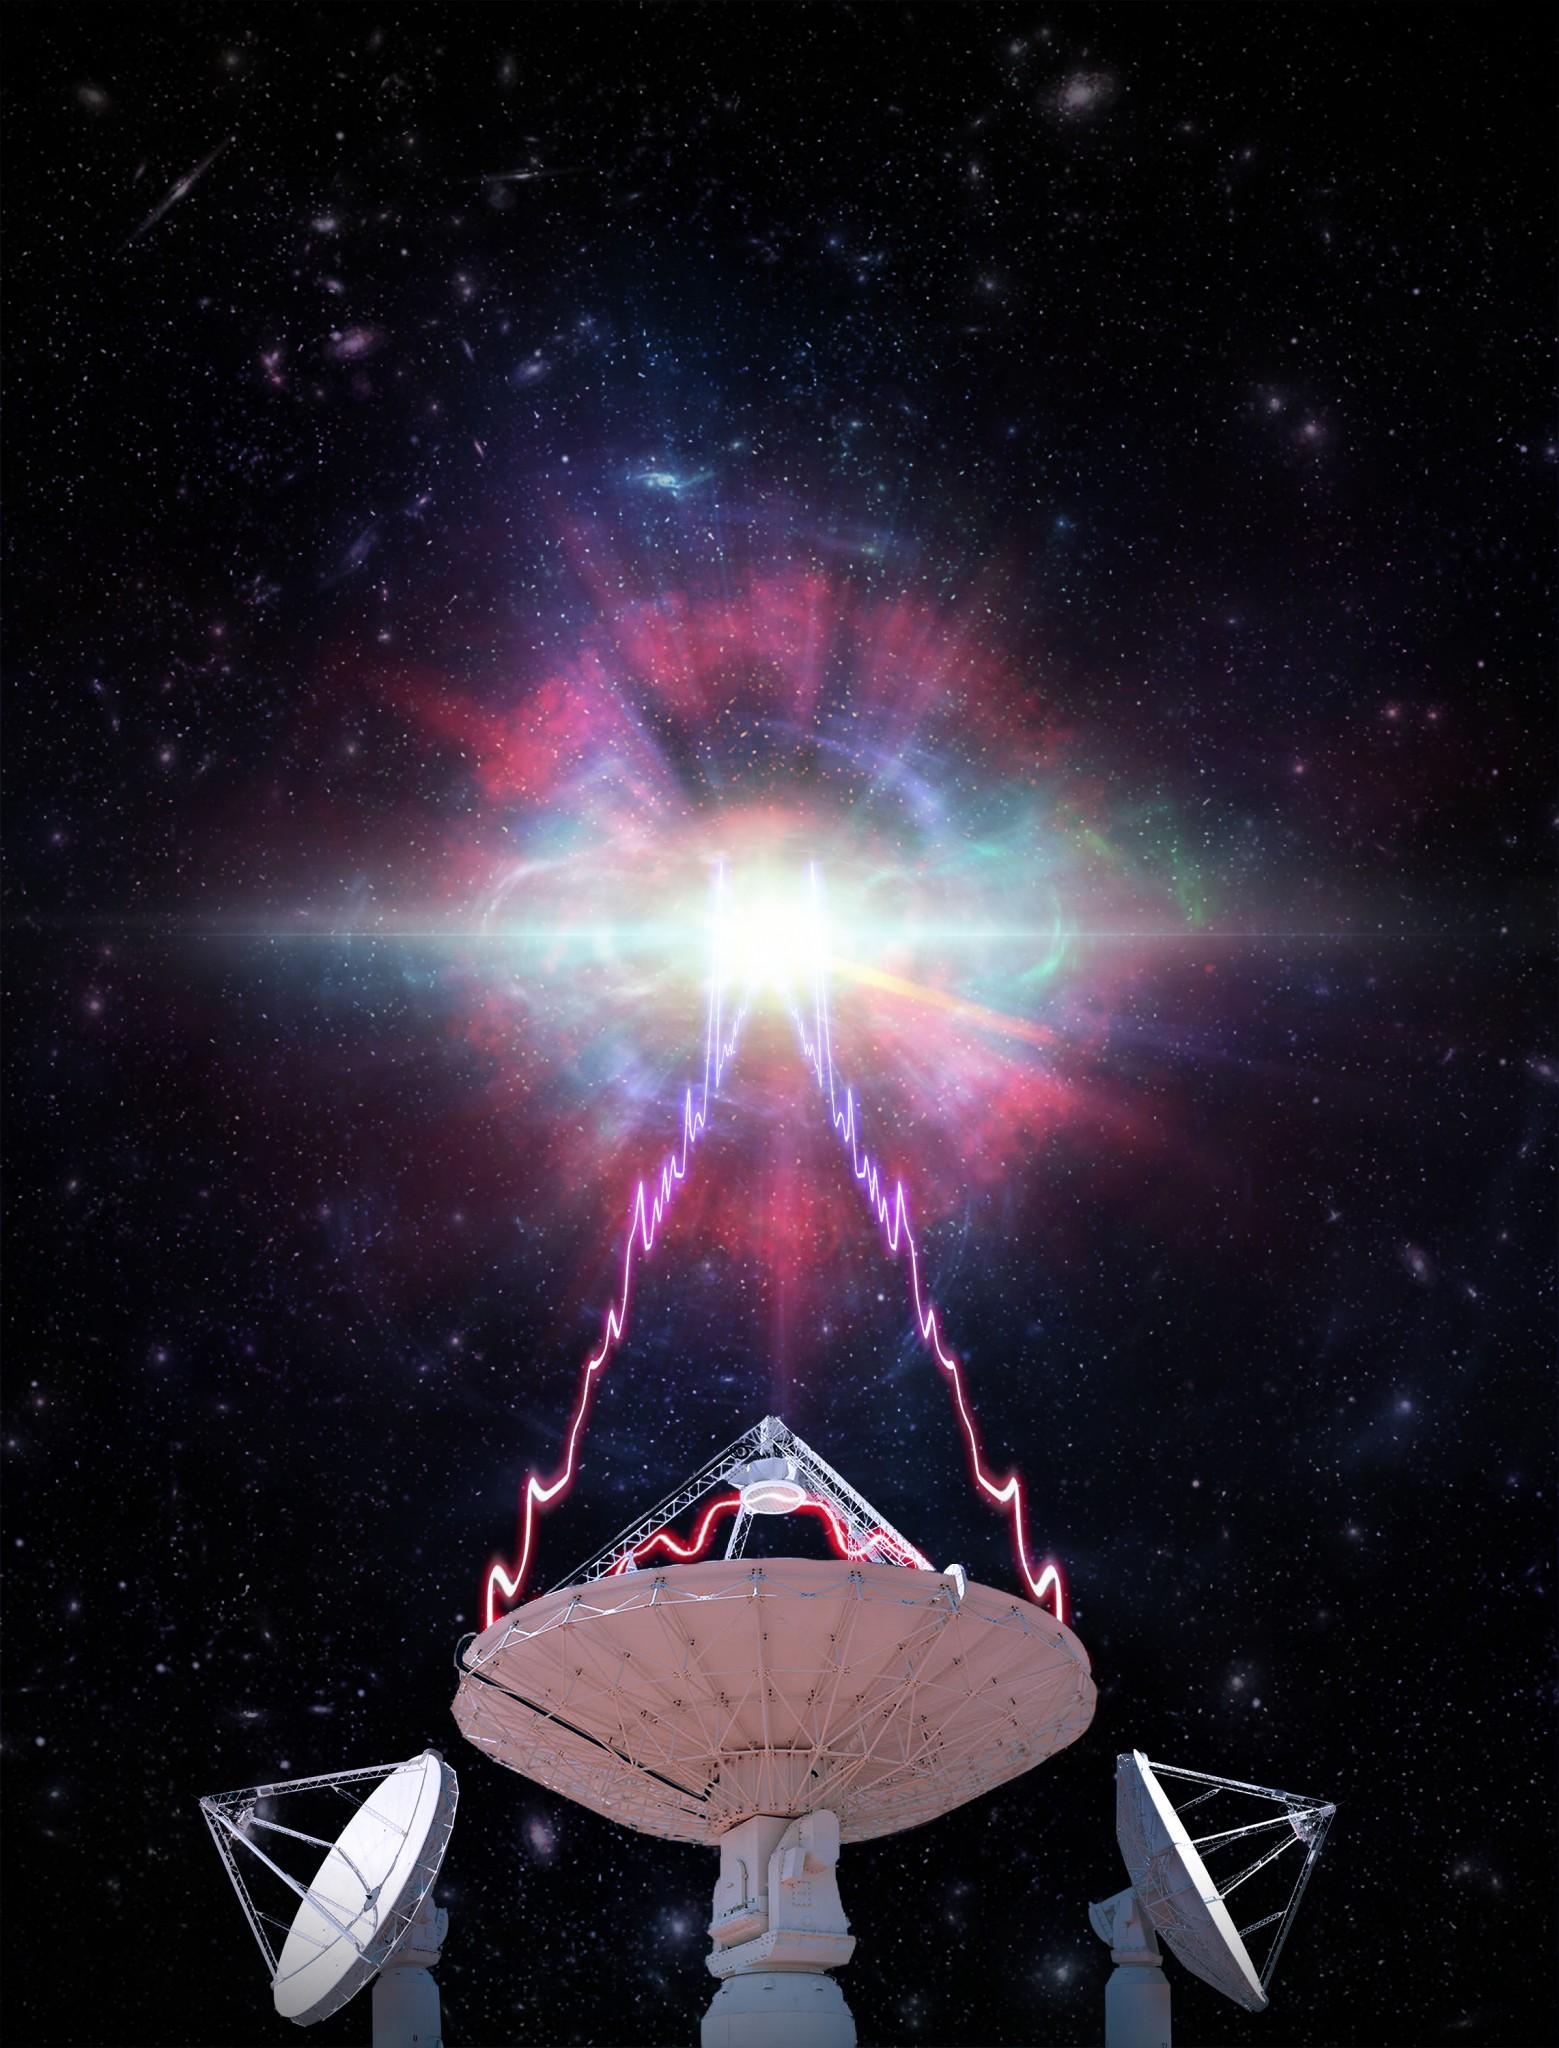 Impresión artística que muestra una de las antenas de radio telescopios ASKAP de CSIRO observando una ráfaga de radio rápida (FRB).